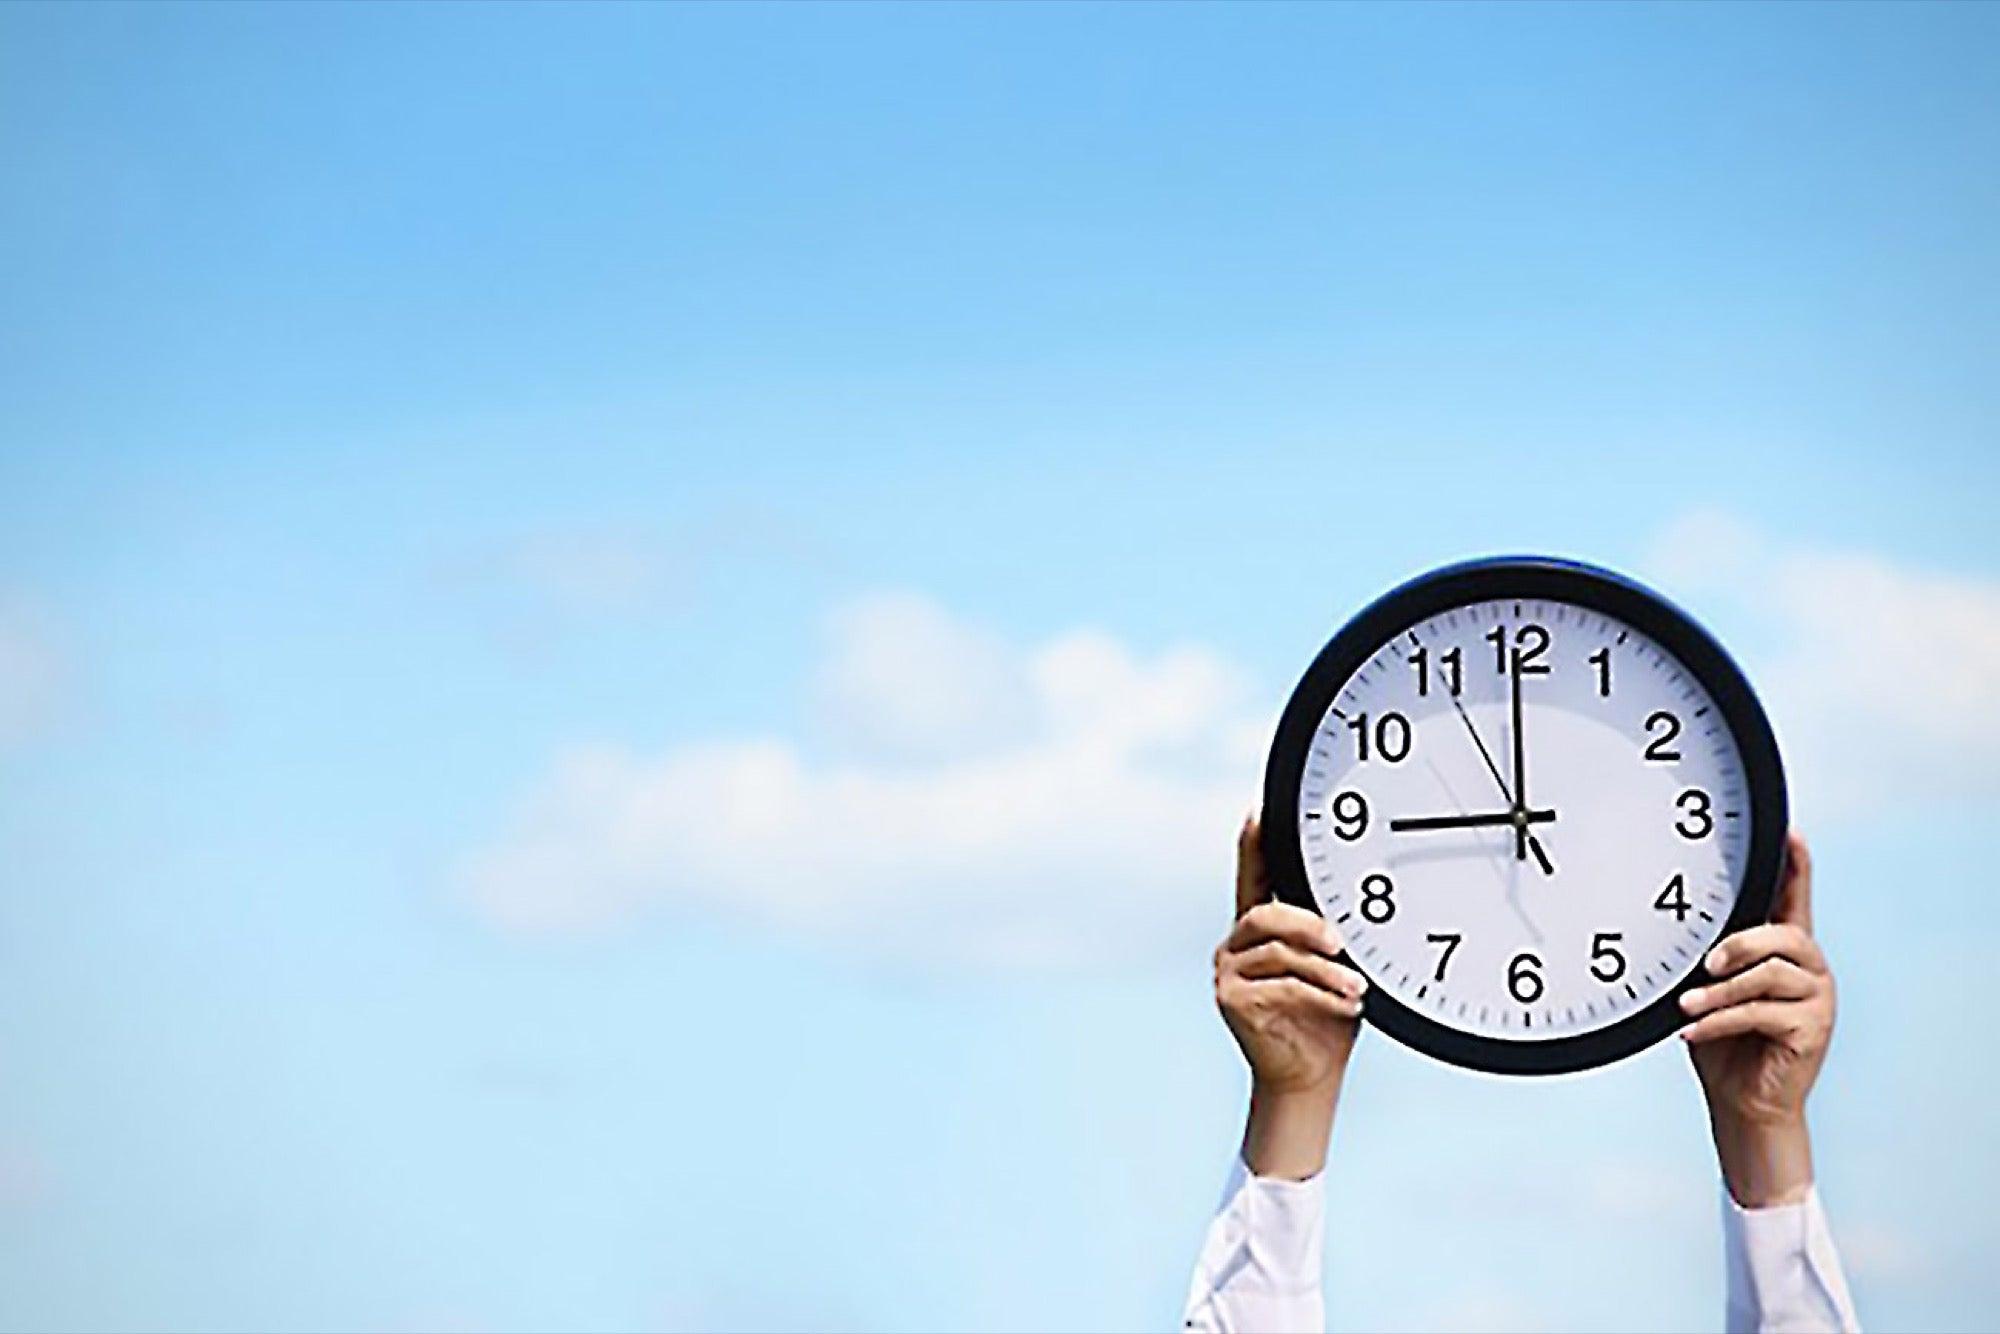 Bu, çoğu insan için, sürekli konsantrasyon ve odaklanma için optimum zamanlarının, uyandıktan hemen sonra olacağı anlamına gelir.